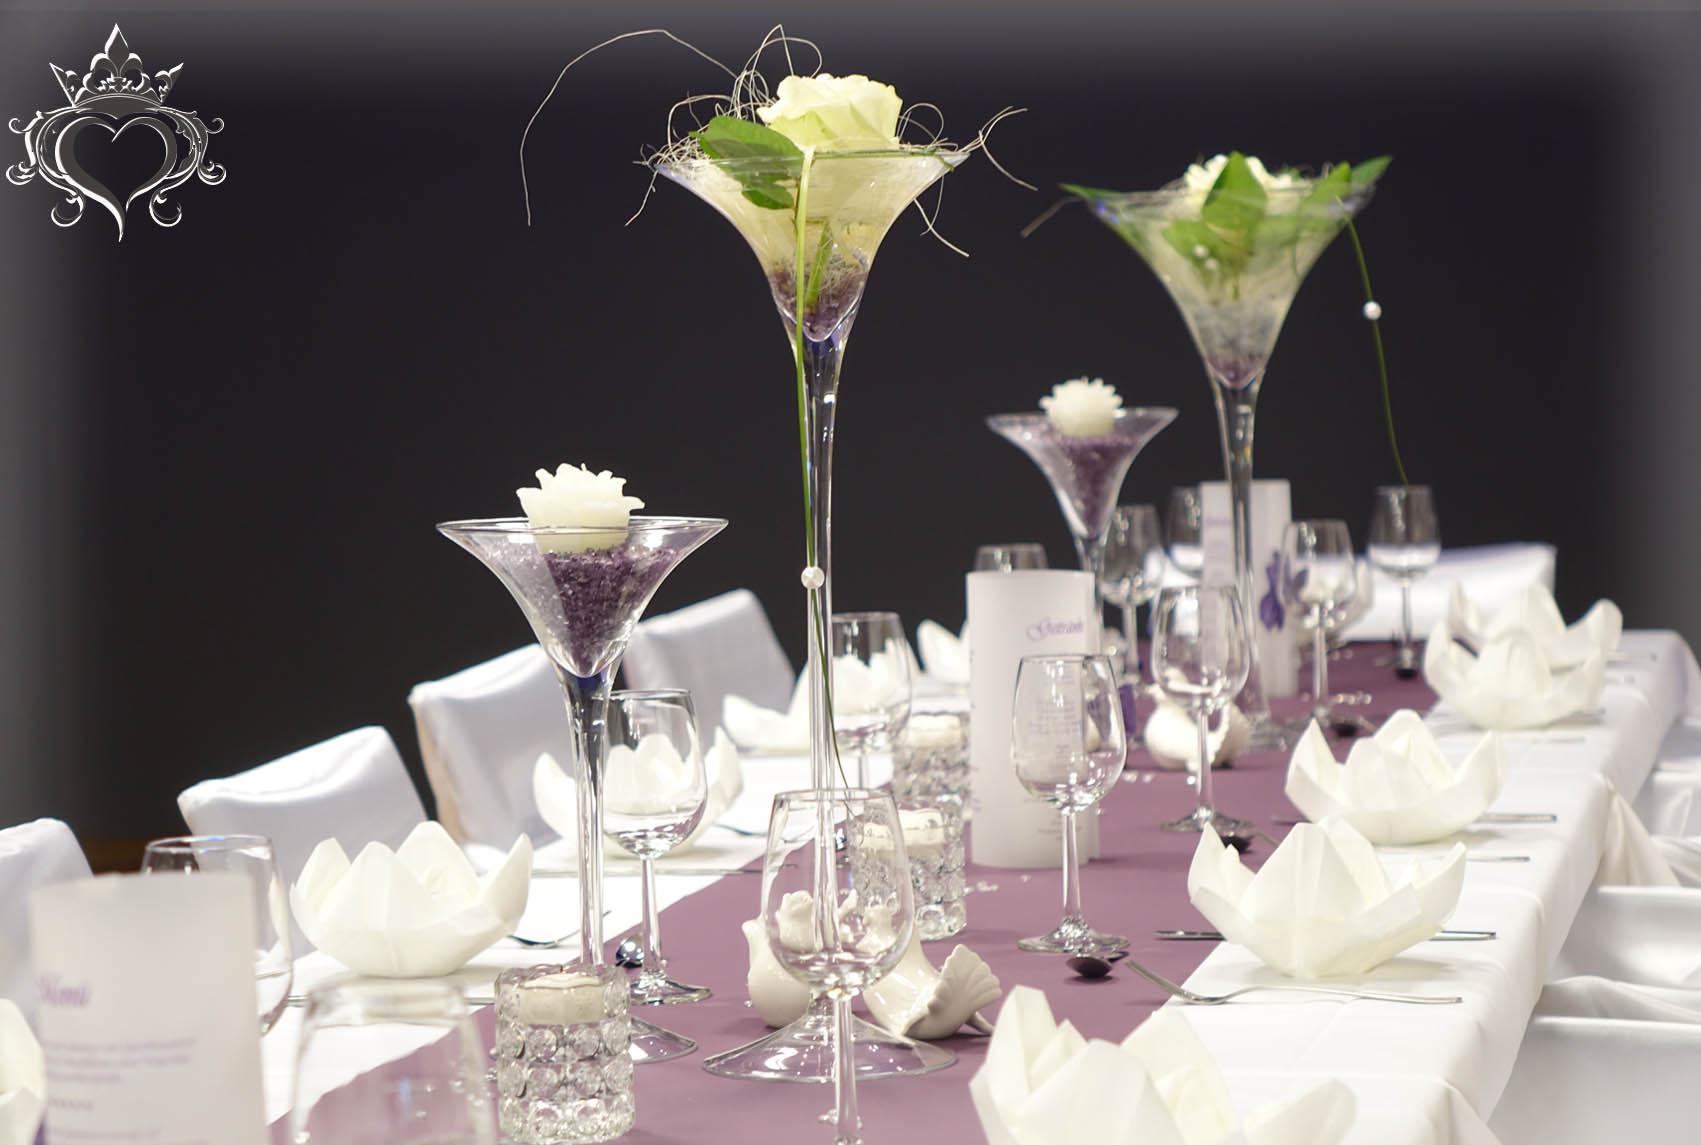 Hochzeitsdekoration und eventdekoration in lippstadt for Hochzeitsdekoration